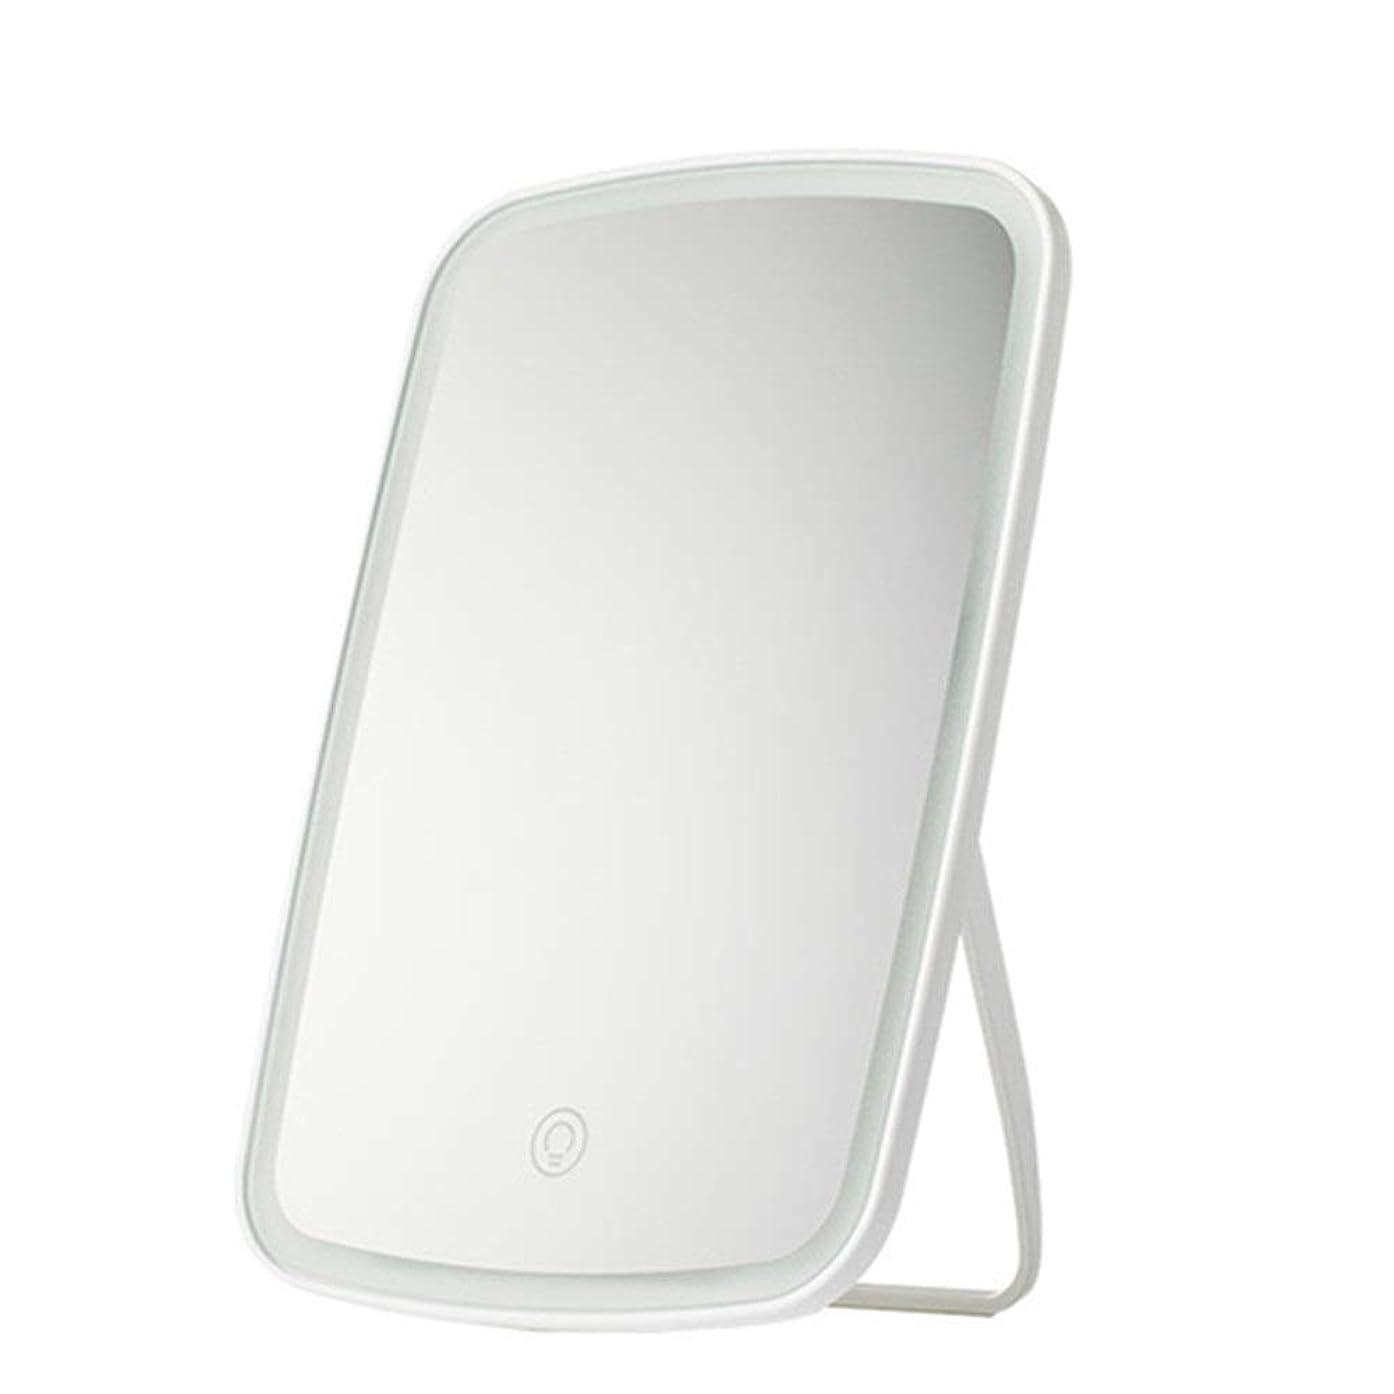 アレンジ生きている発生器化粧鏡 自立ドレッシングテーブルミラー、完璧なメイクアップまたはシェービングのために角度が調節可能 - 大きな長方形の反射領域 - ホワイト (色 : 白, サイズ : 16.8x2.5x27cm)